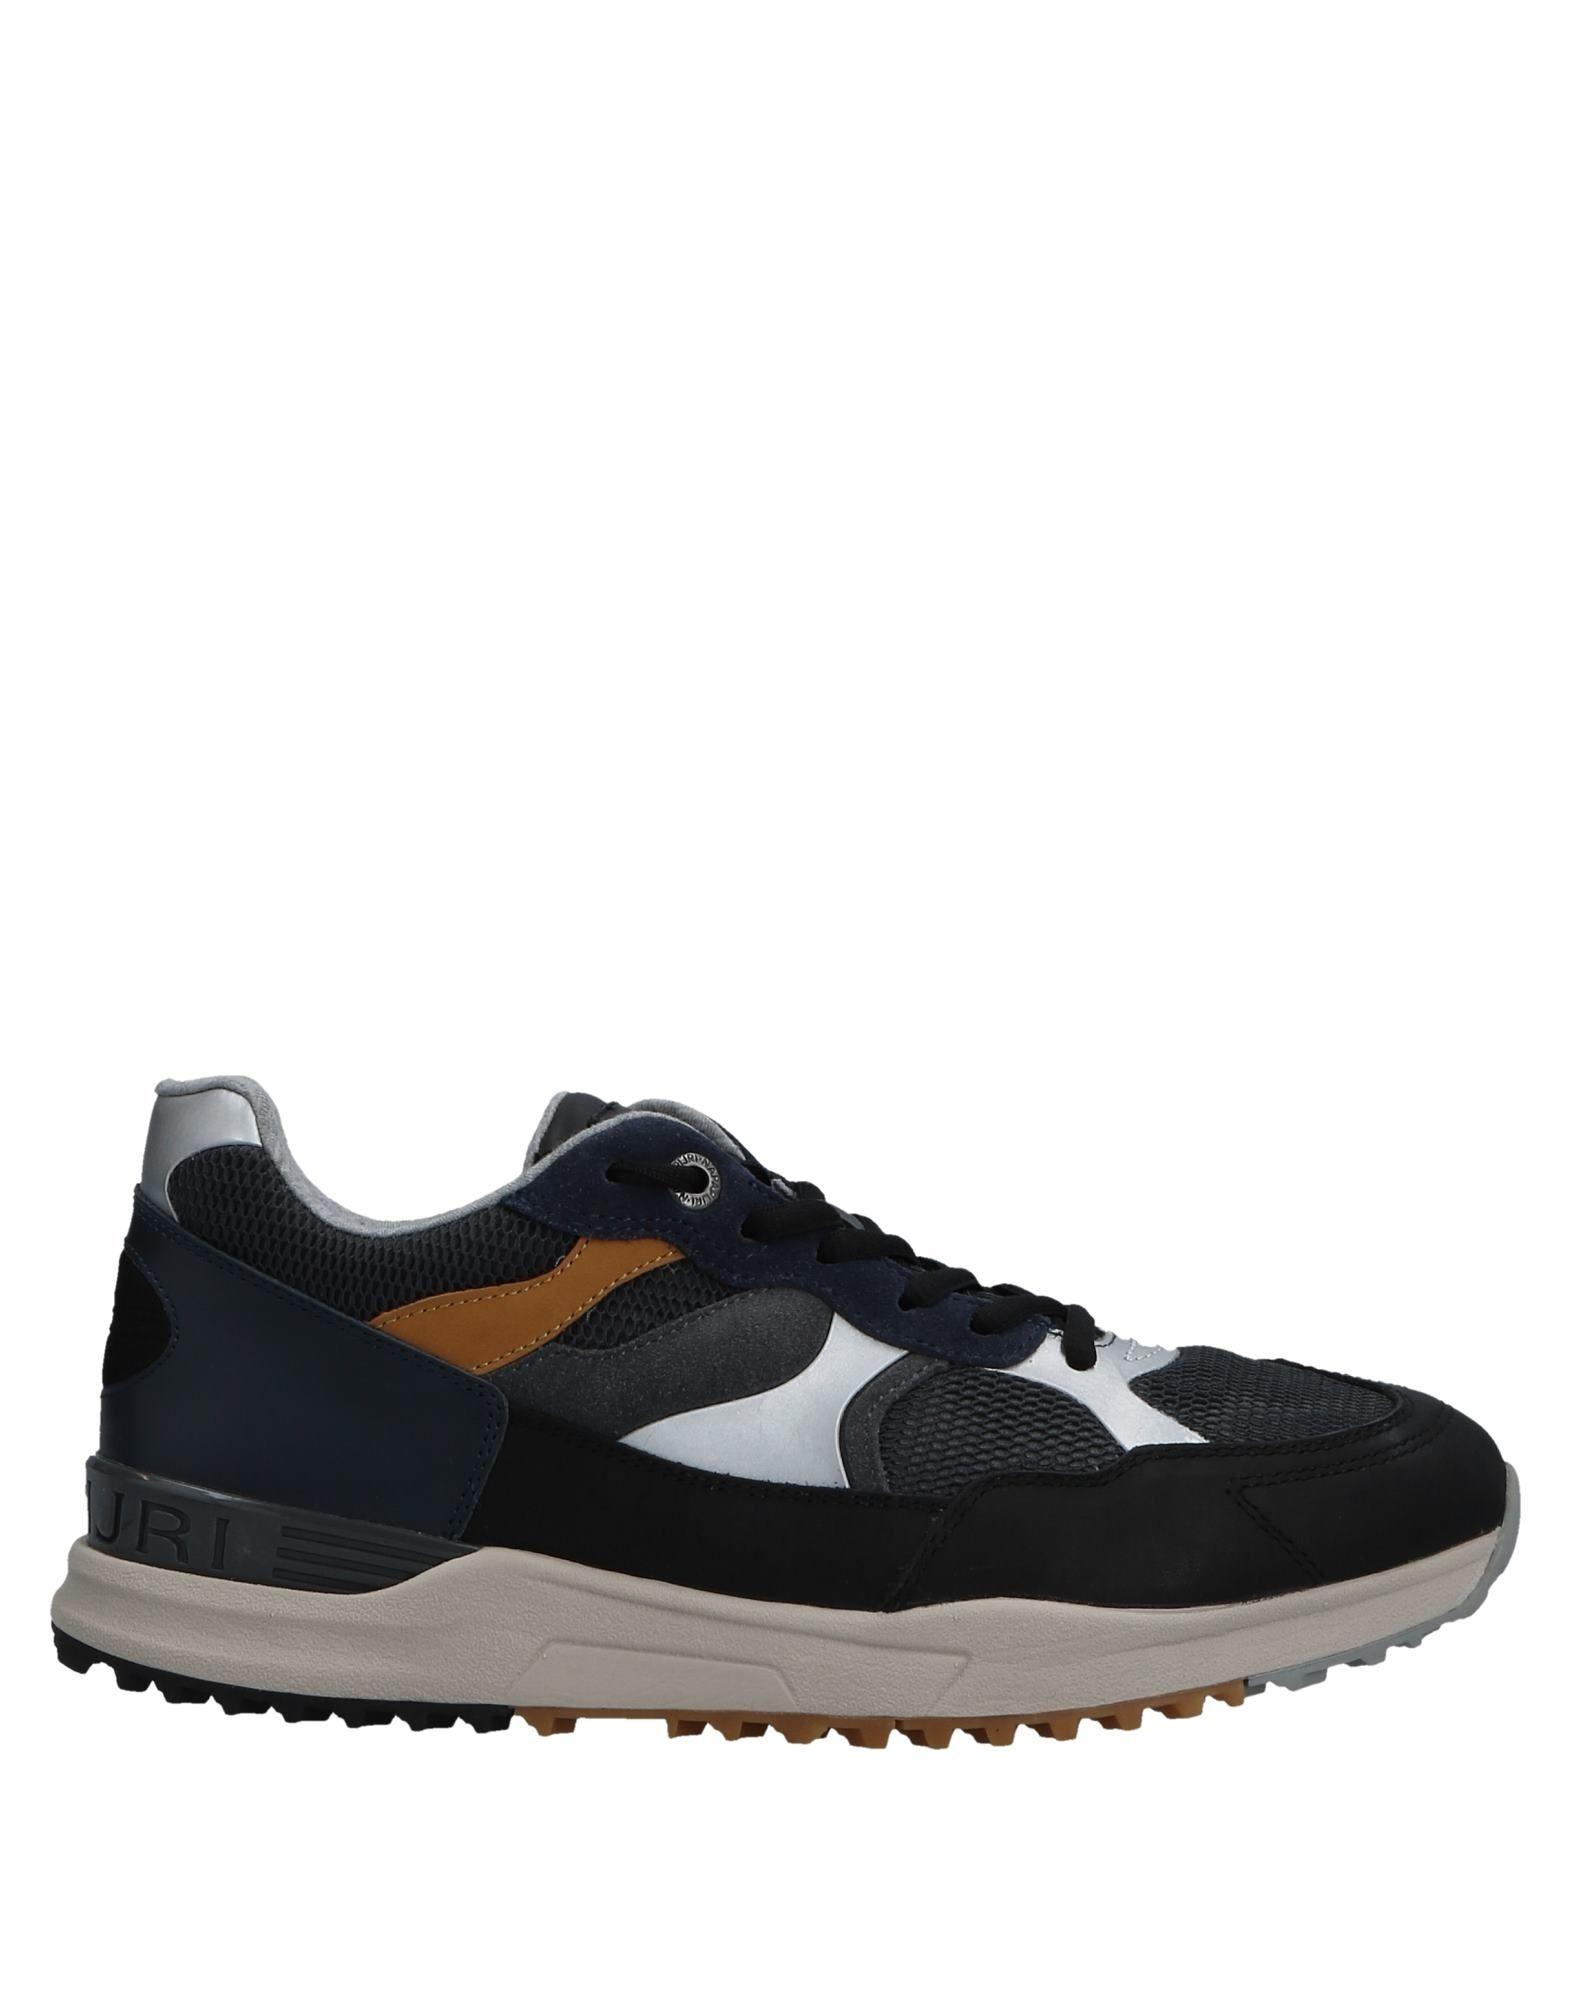 Rabatt echte Schuhe Napapijri Sneakers Herren  11527452SX